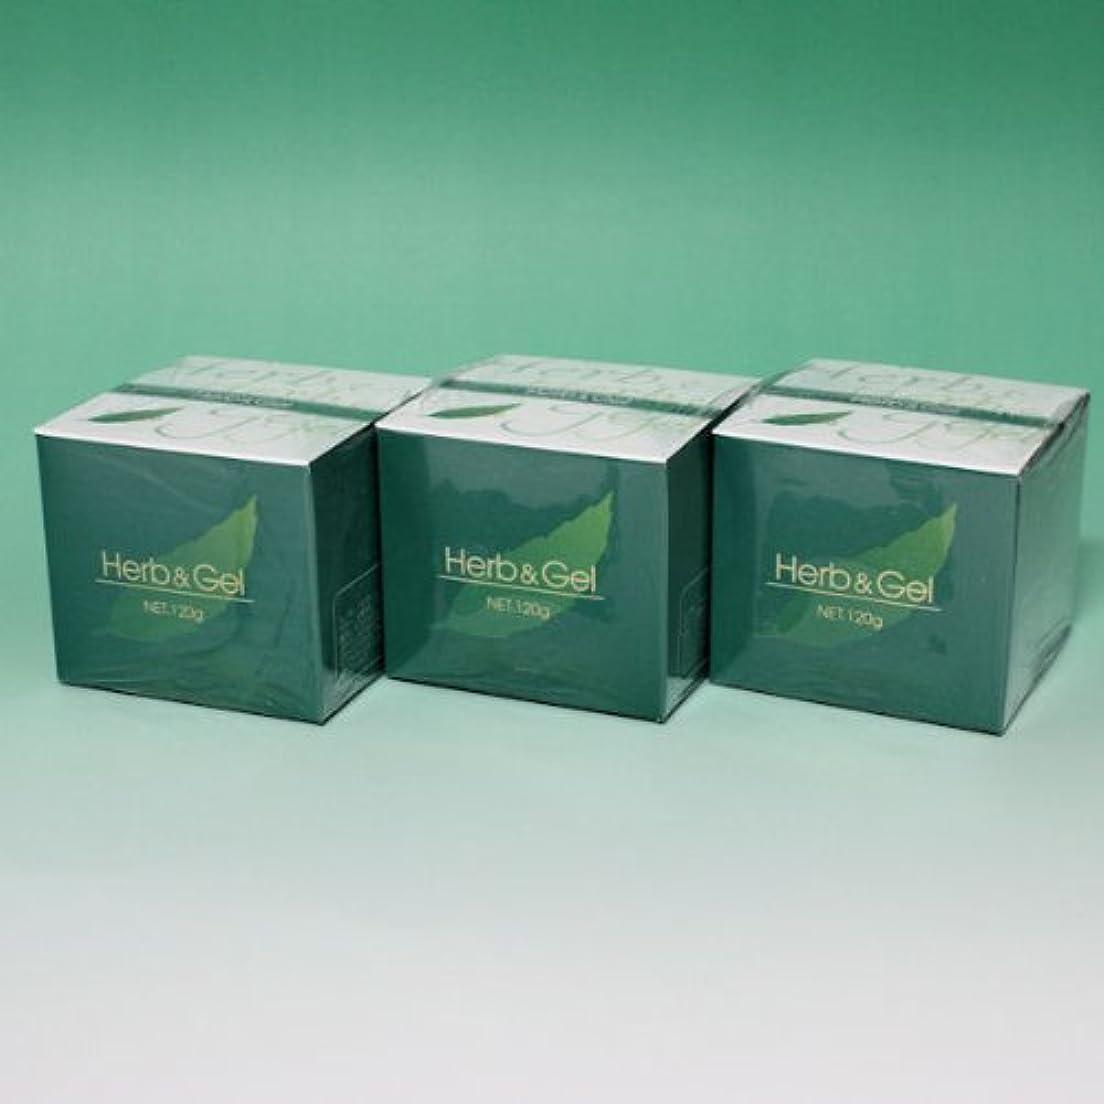 インチ哀れなサーフィンハーブアンドゲル 天然ハーブエキス配合 120g×3瓶セット (4580109490026)